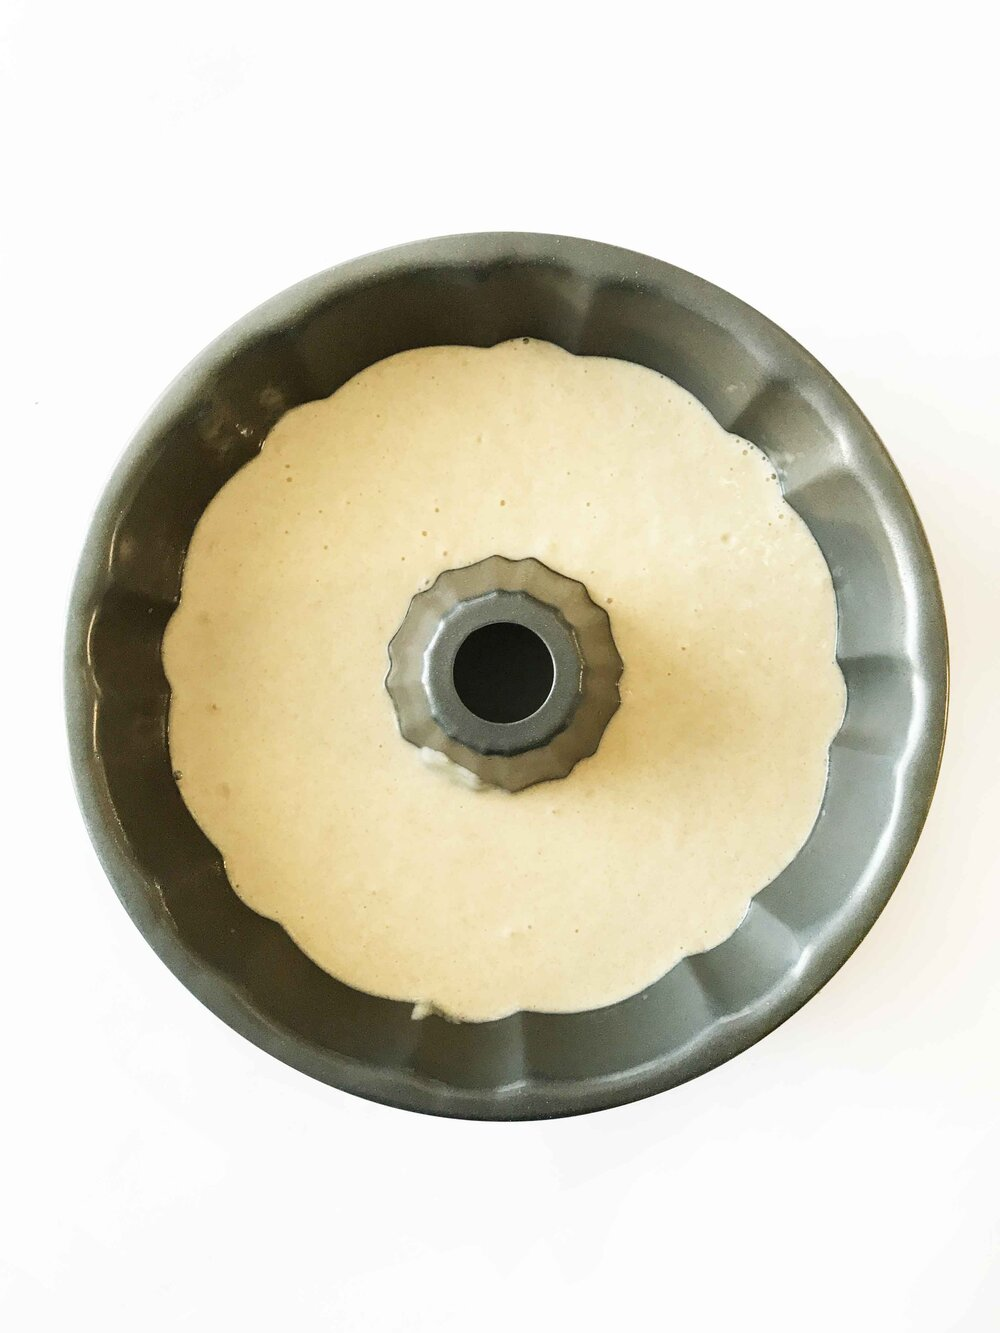 donut-cake4.jpg